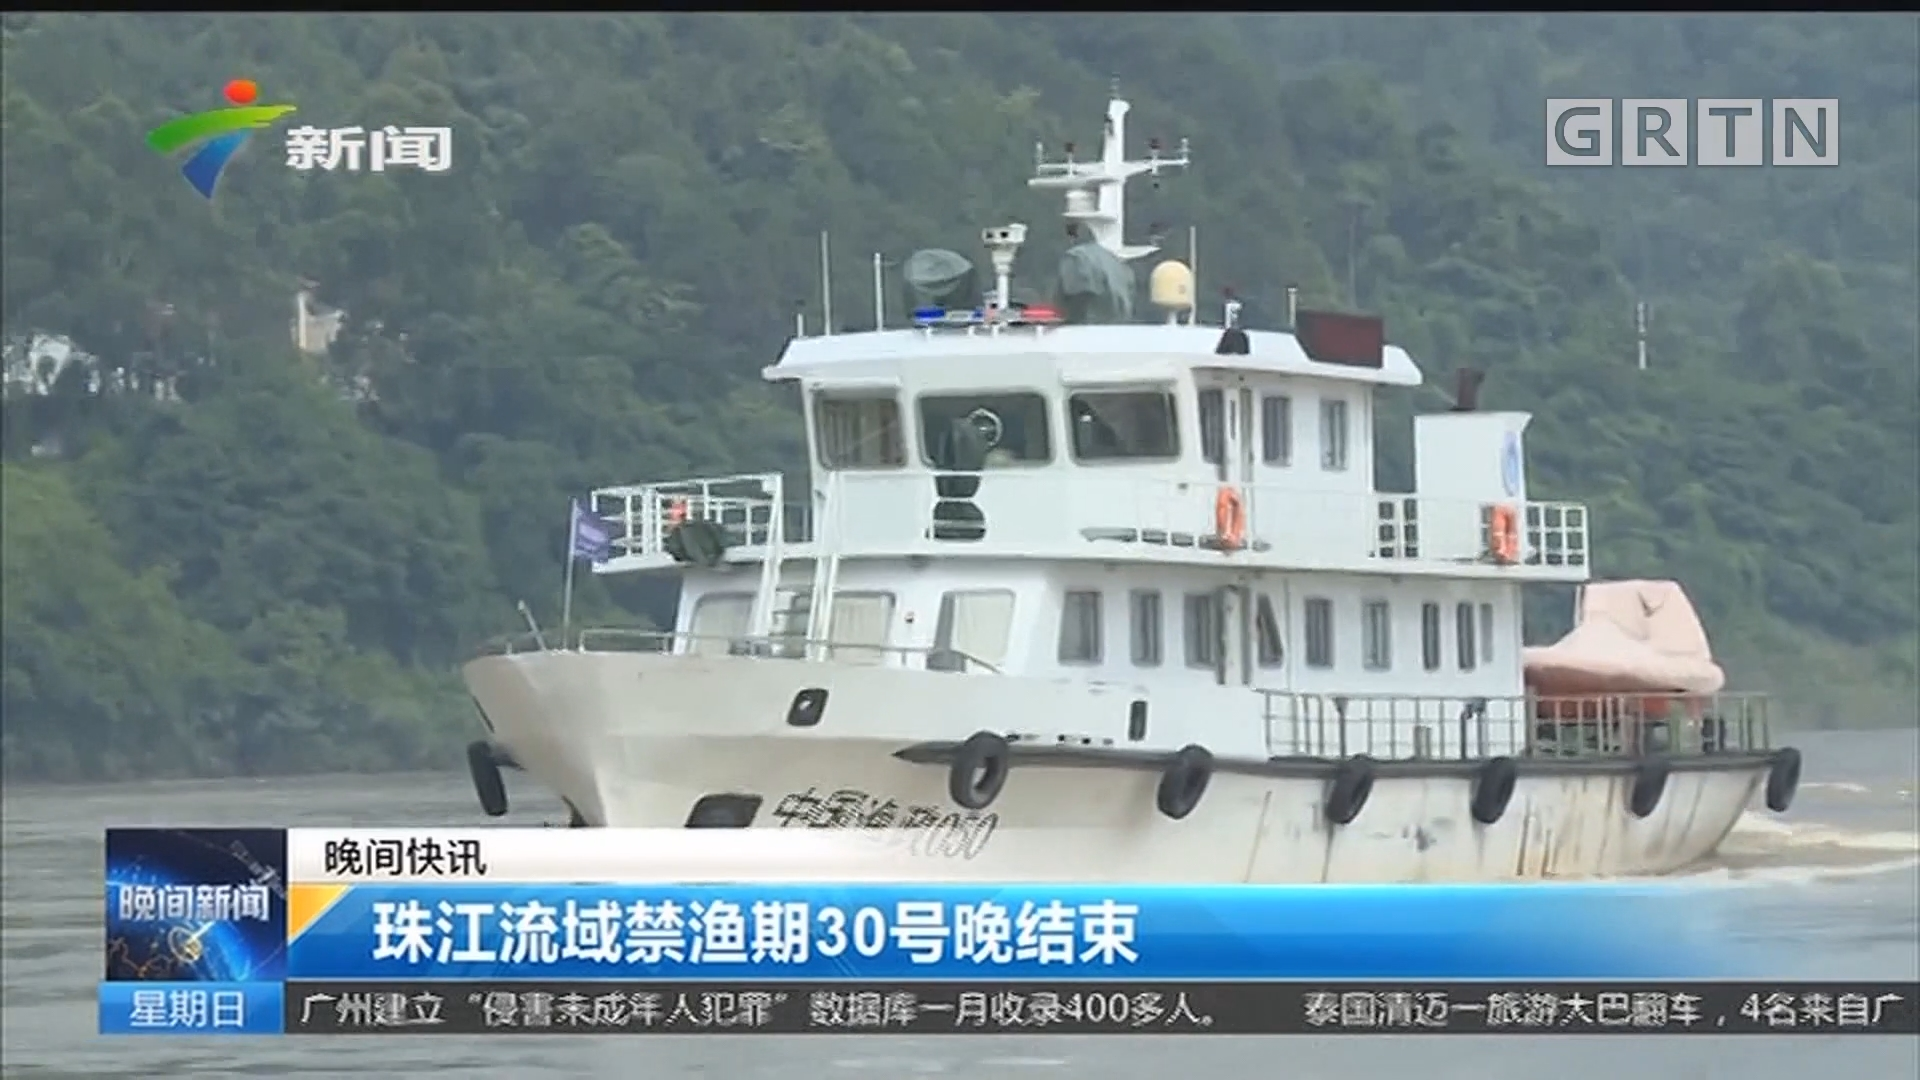 珠江流域禁渔期30号晚结束